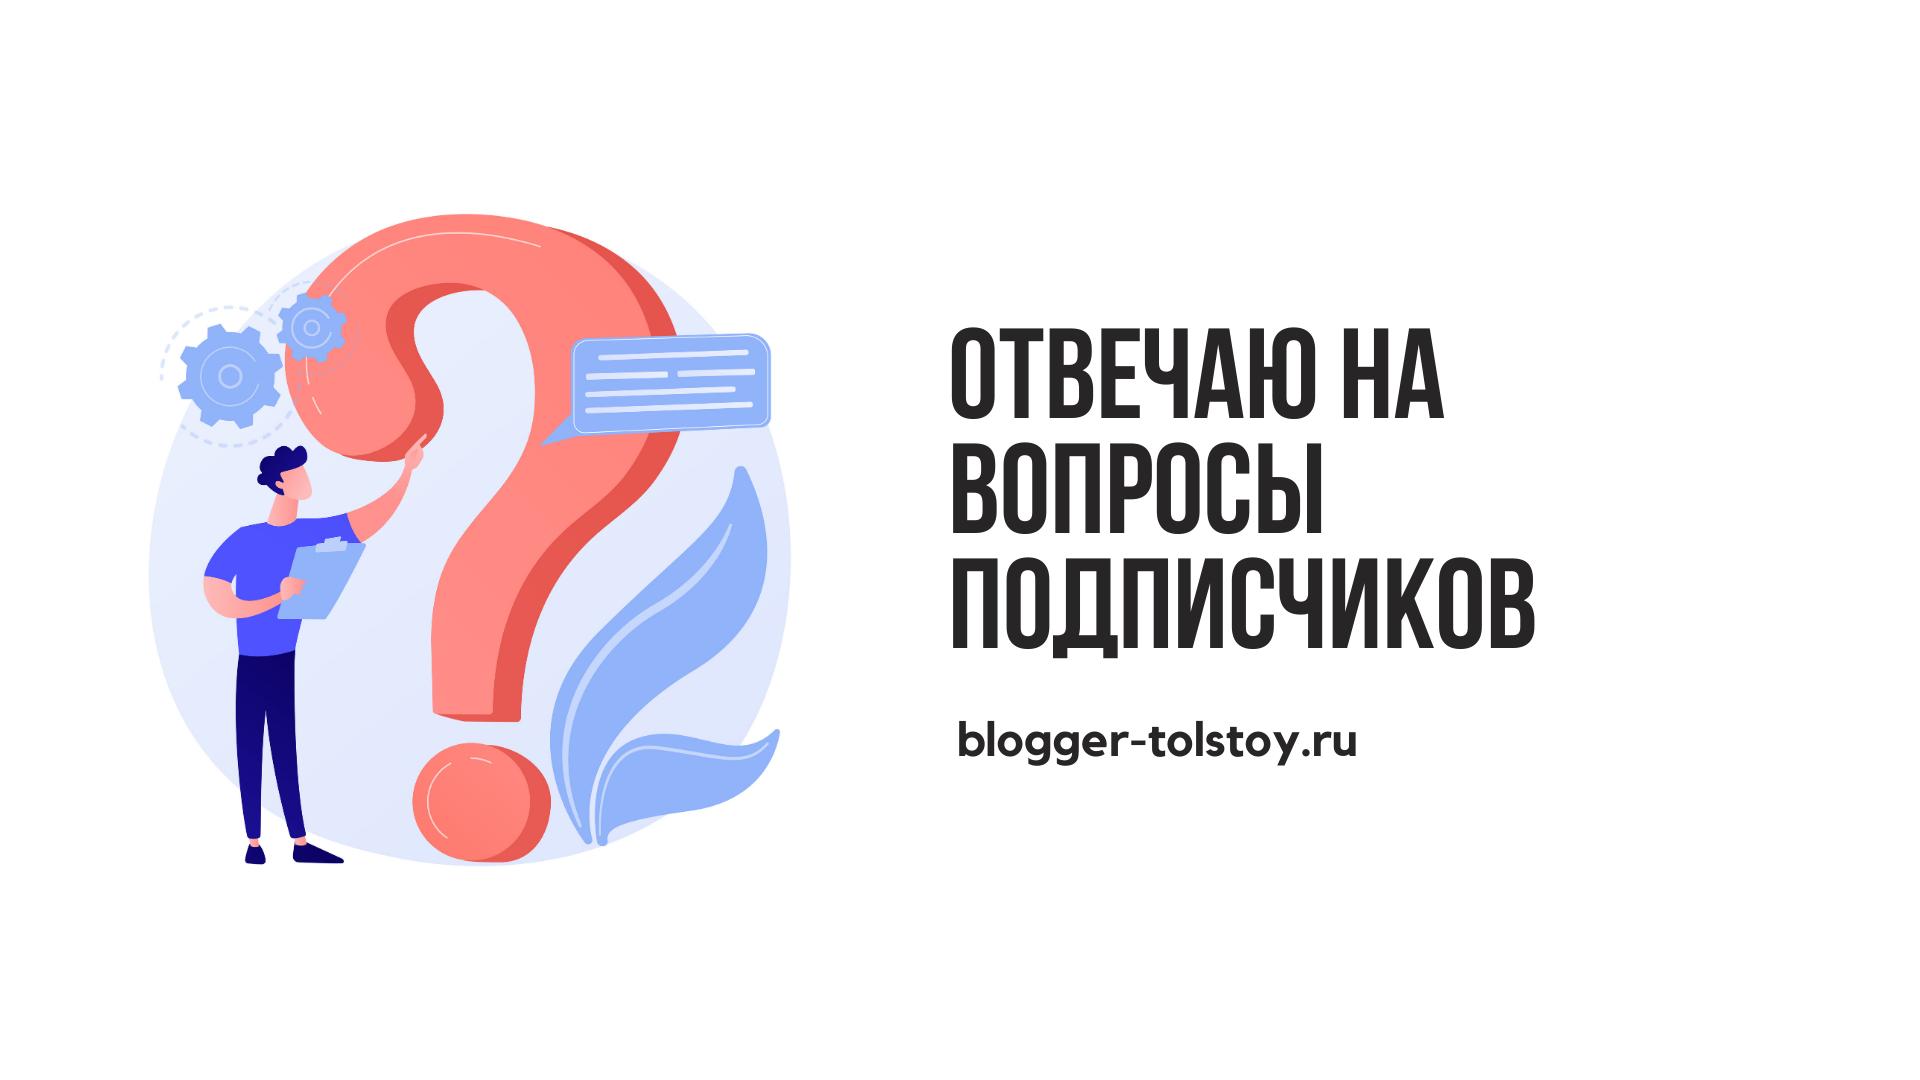 Отвечаю на вопросы подписчиков блога